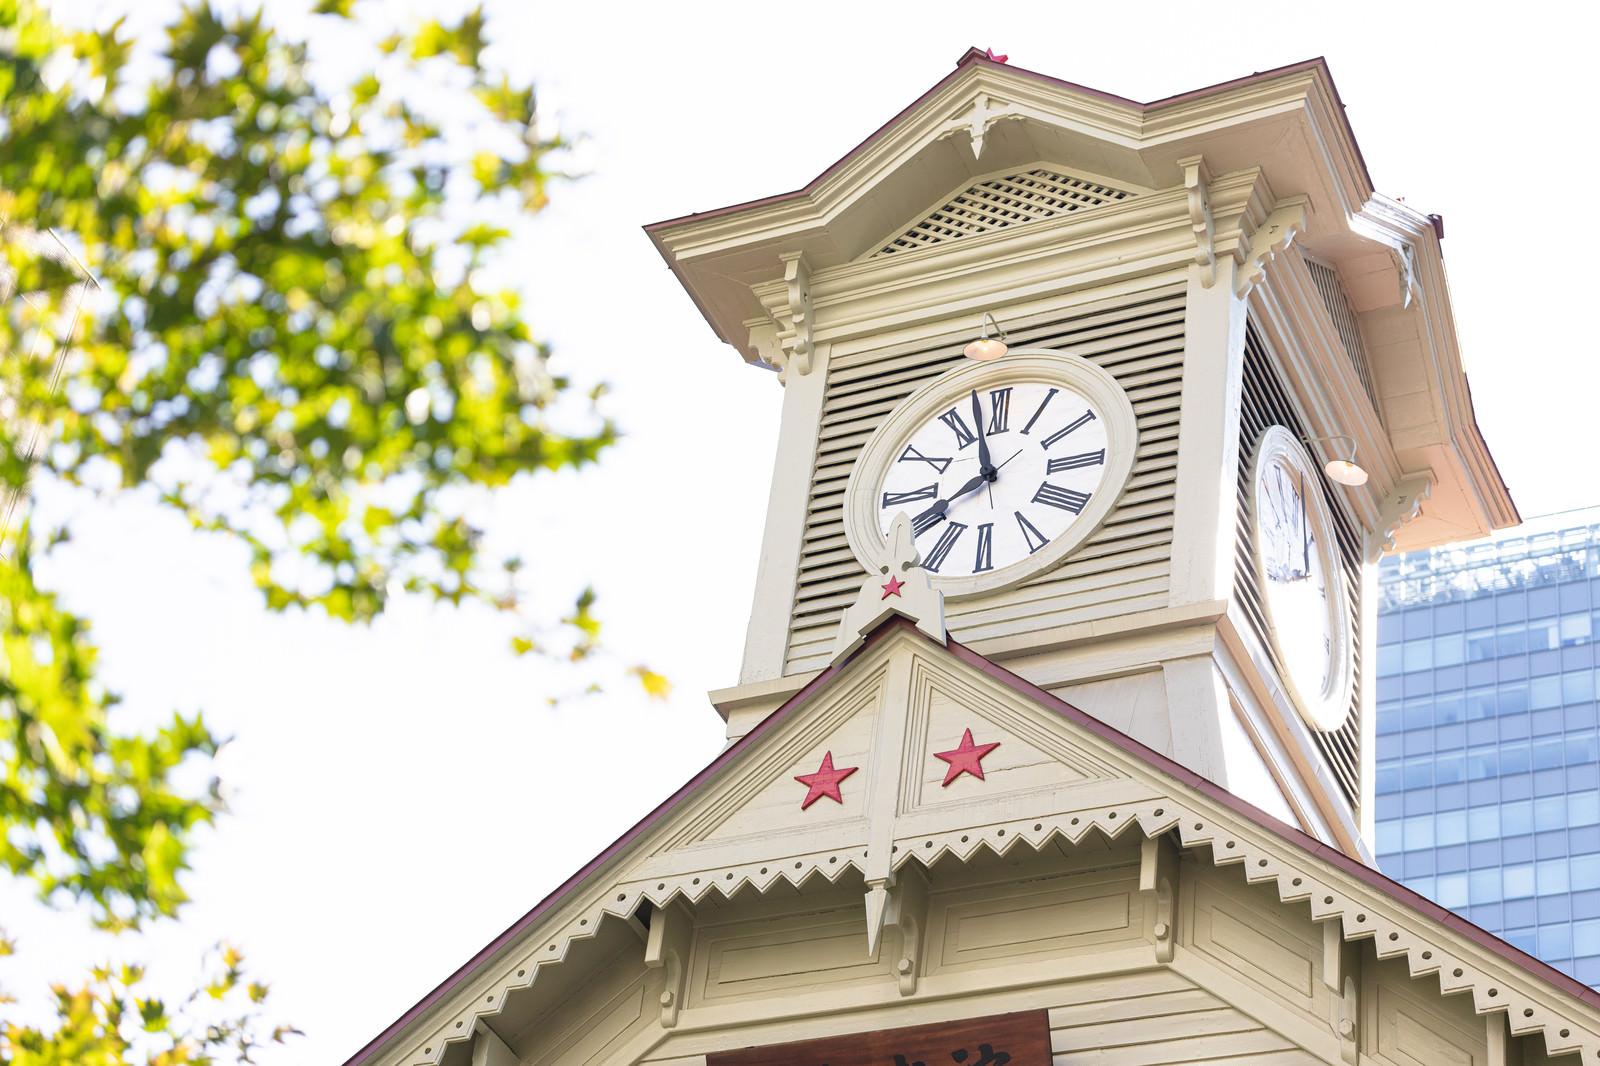 「まもなく八時をお知らせ致します(札幌市時計台)」の写真